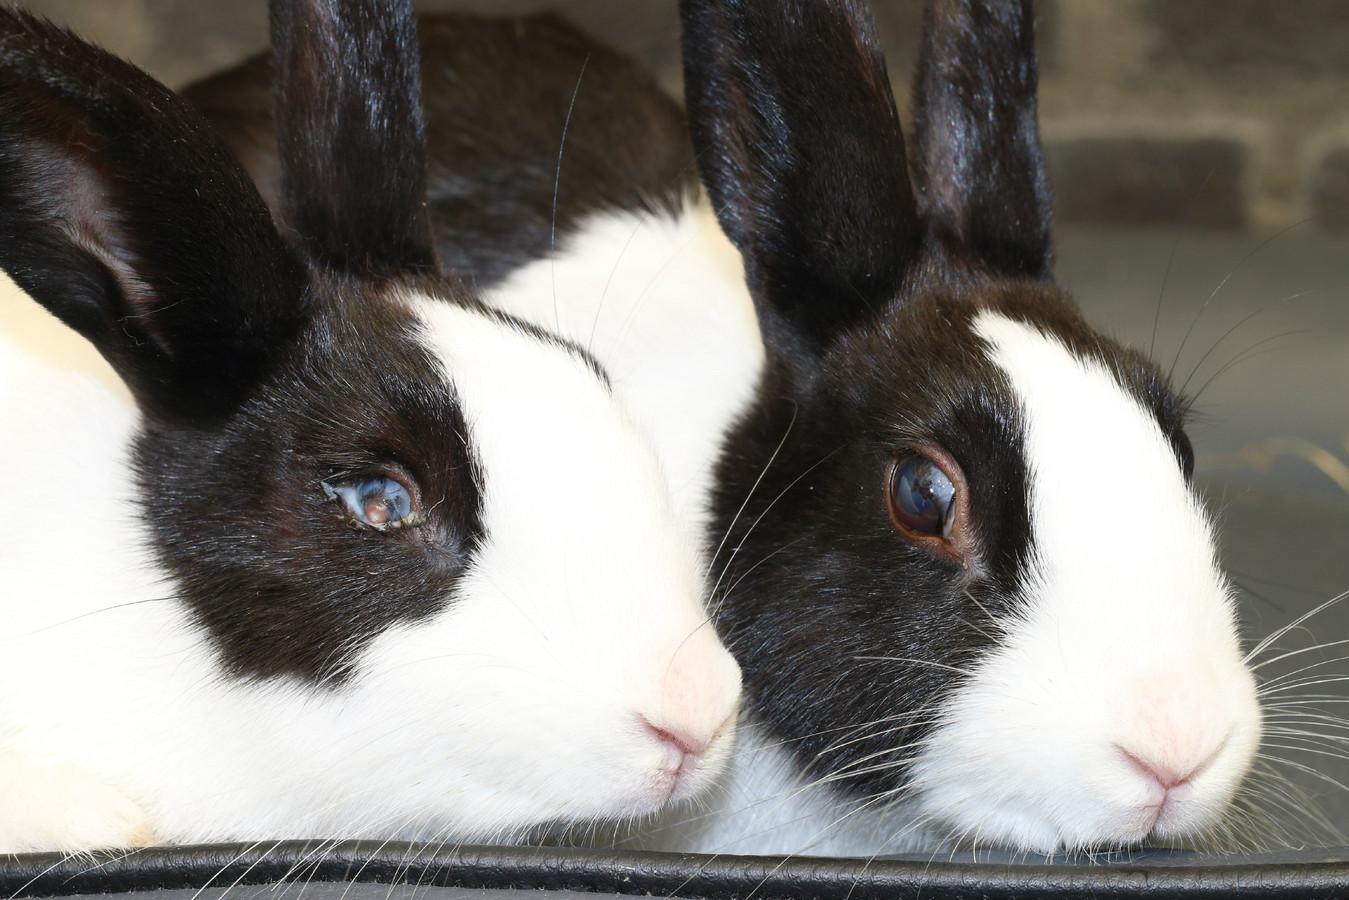 Archieffoto: knaagdieren met een ooginfectie in het dierenasiel. Momenteel worden er volgens het asiel 'schrikbarend veel knaagdieren' binnengebracht.